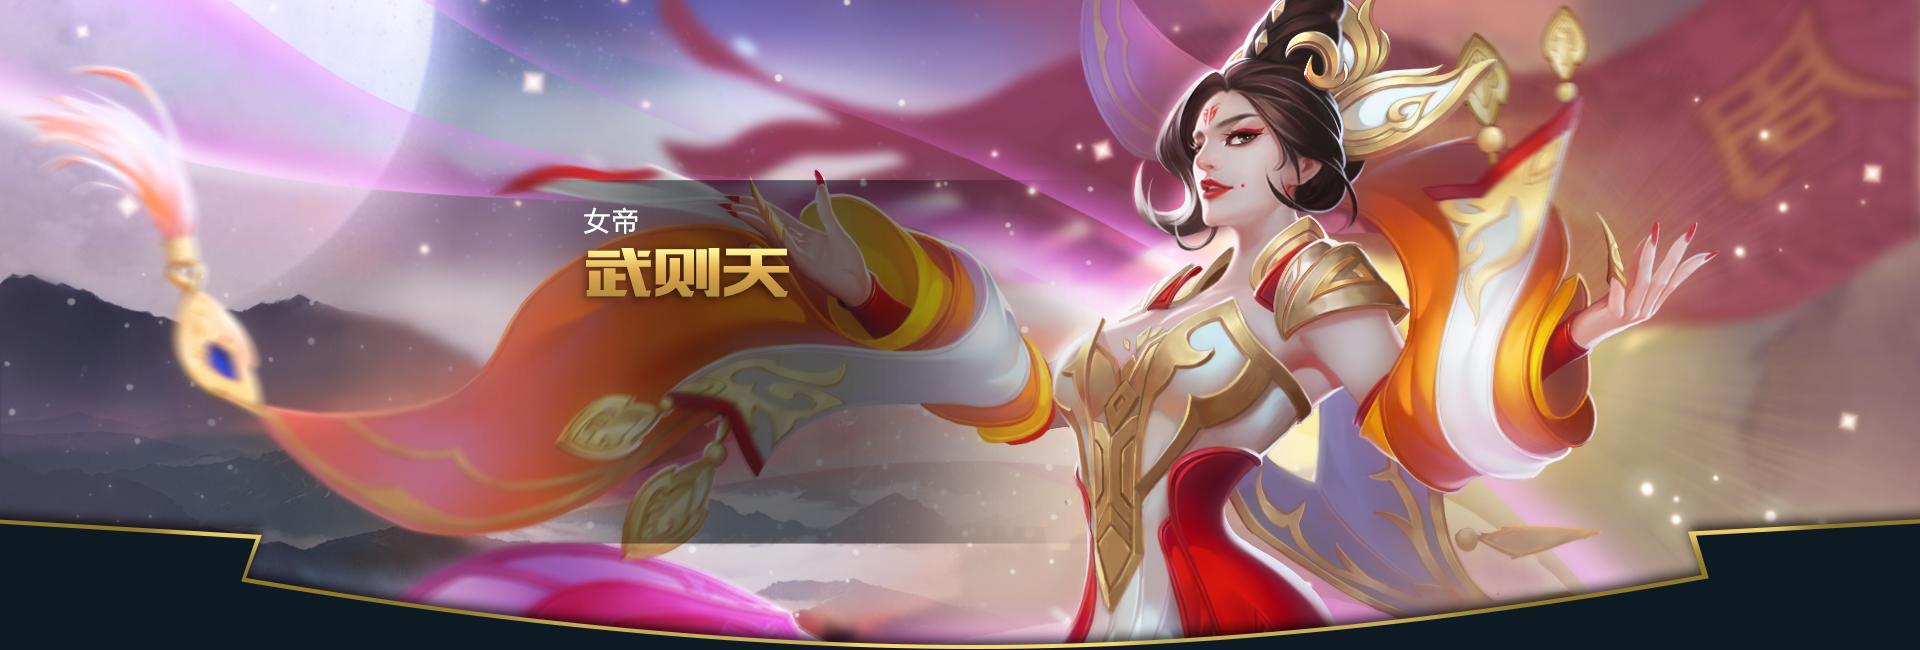 第2弹《王者荣耀英雄皮肤CG》竞技游戏67